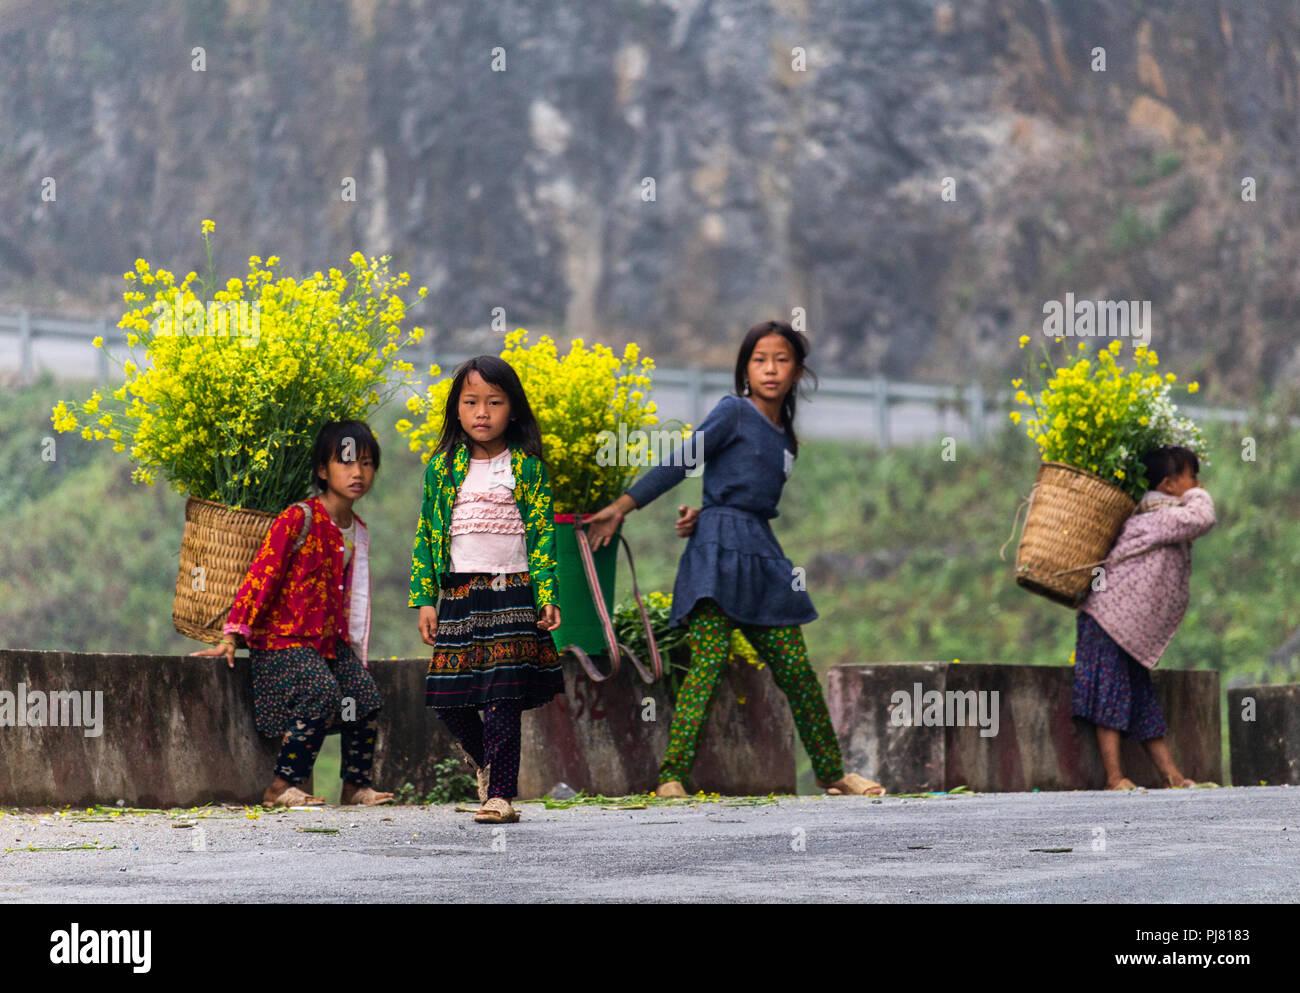 Ha Giang, Vietnam - Marzo 18, 2018: Bambini da Hmong minoranza etnica che vendono fiori nelle montagne del nord del Vietnam. Il lavoro minorile è fru Immagini Stock